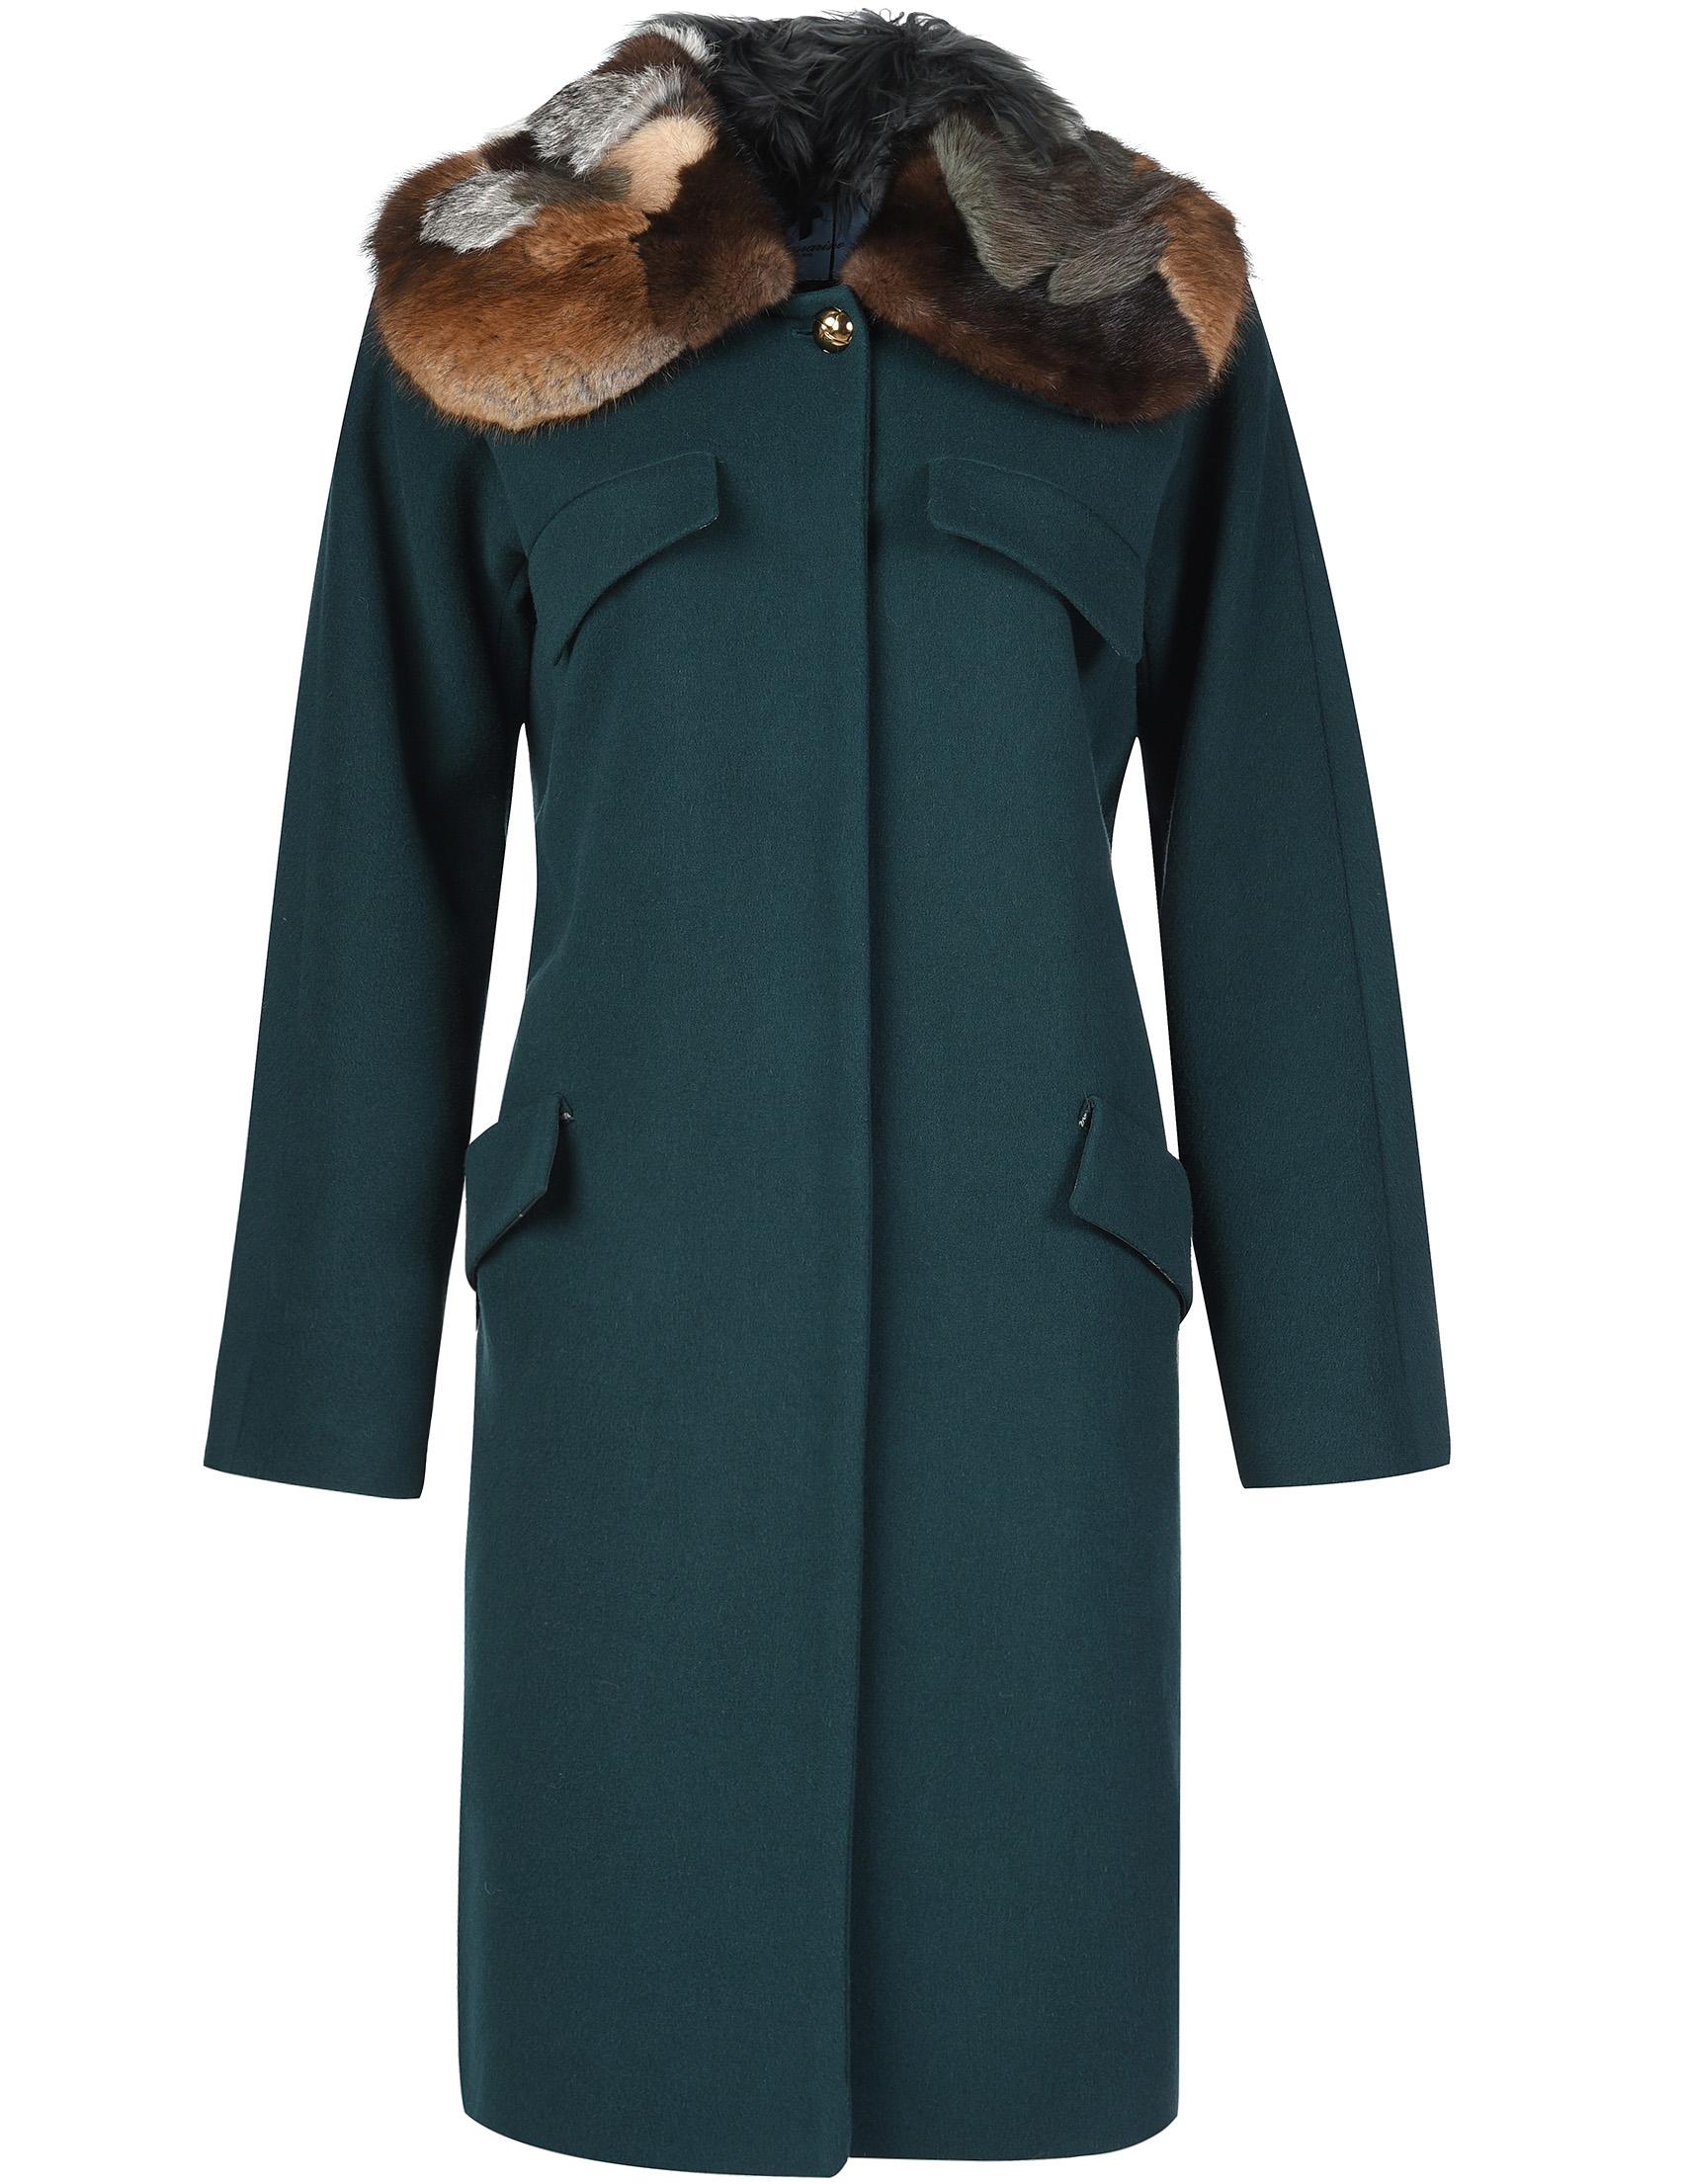 Купить Пальто, BLUMARINE, Зеленый, 100%Шерсть;57%Вискоза 43%Полиэстер, Осень-Зима